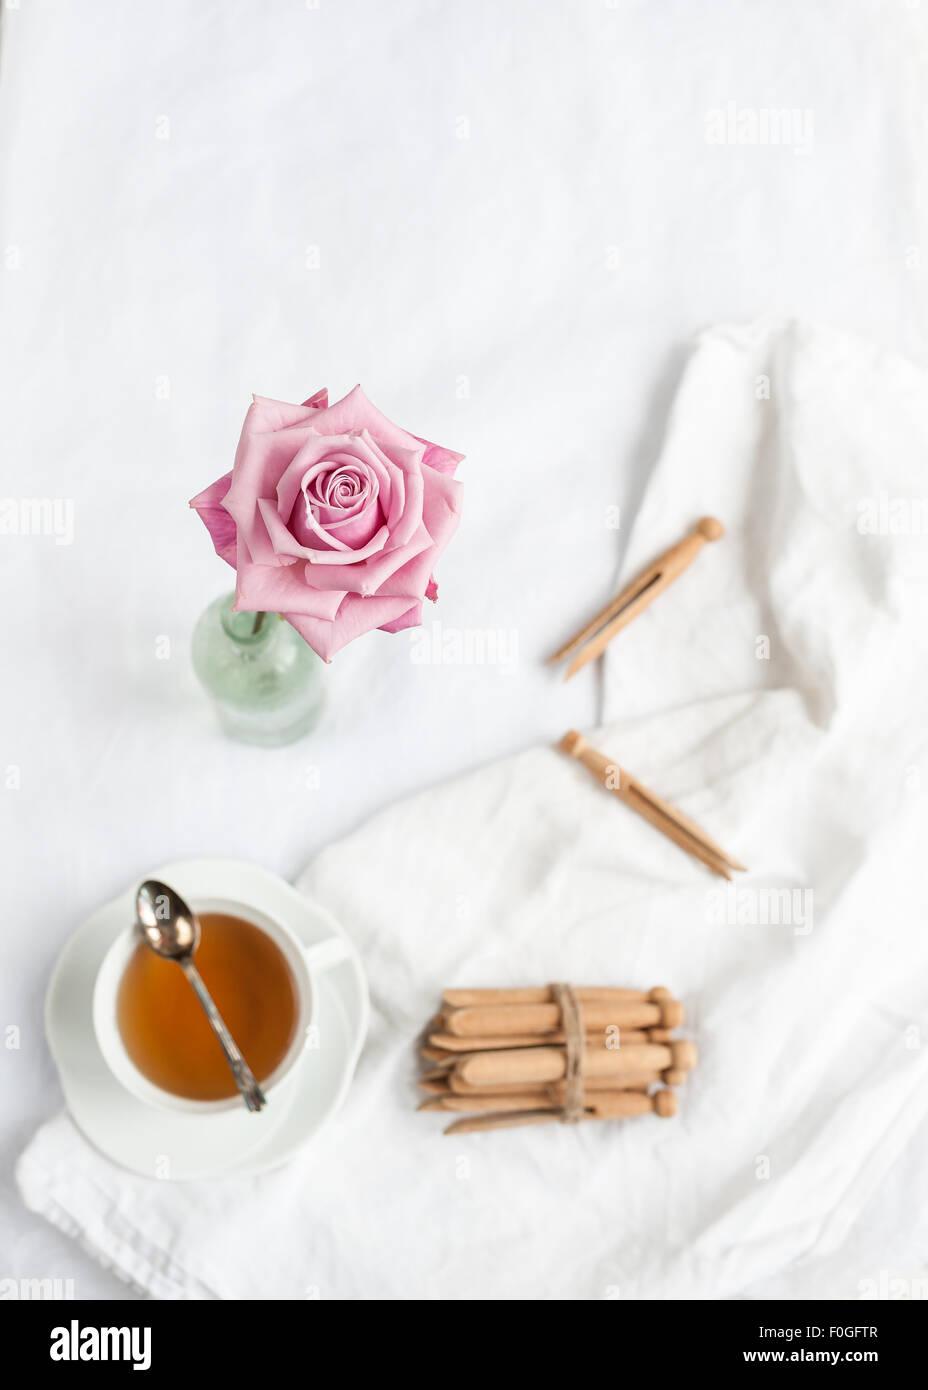 Una sola rosa rosa en foco, con fondo borroso de tela blanca, vaso con cucharilla y Dolly perchas de ropa Imagen De Stock